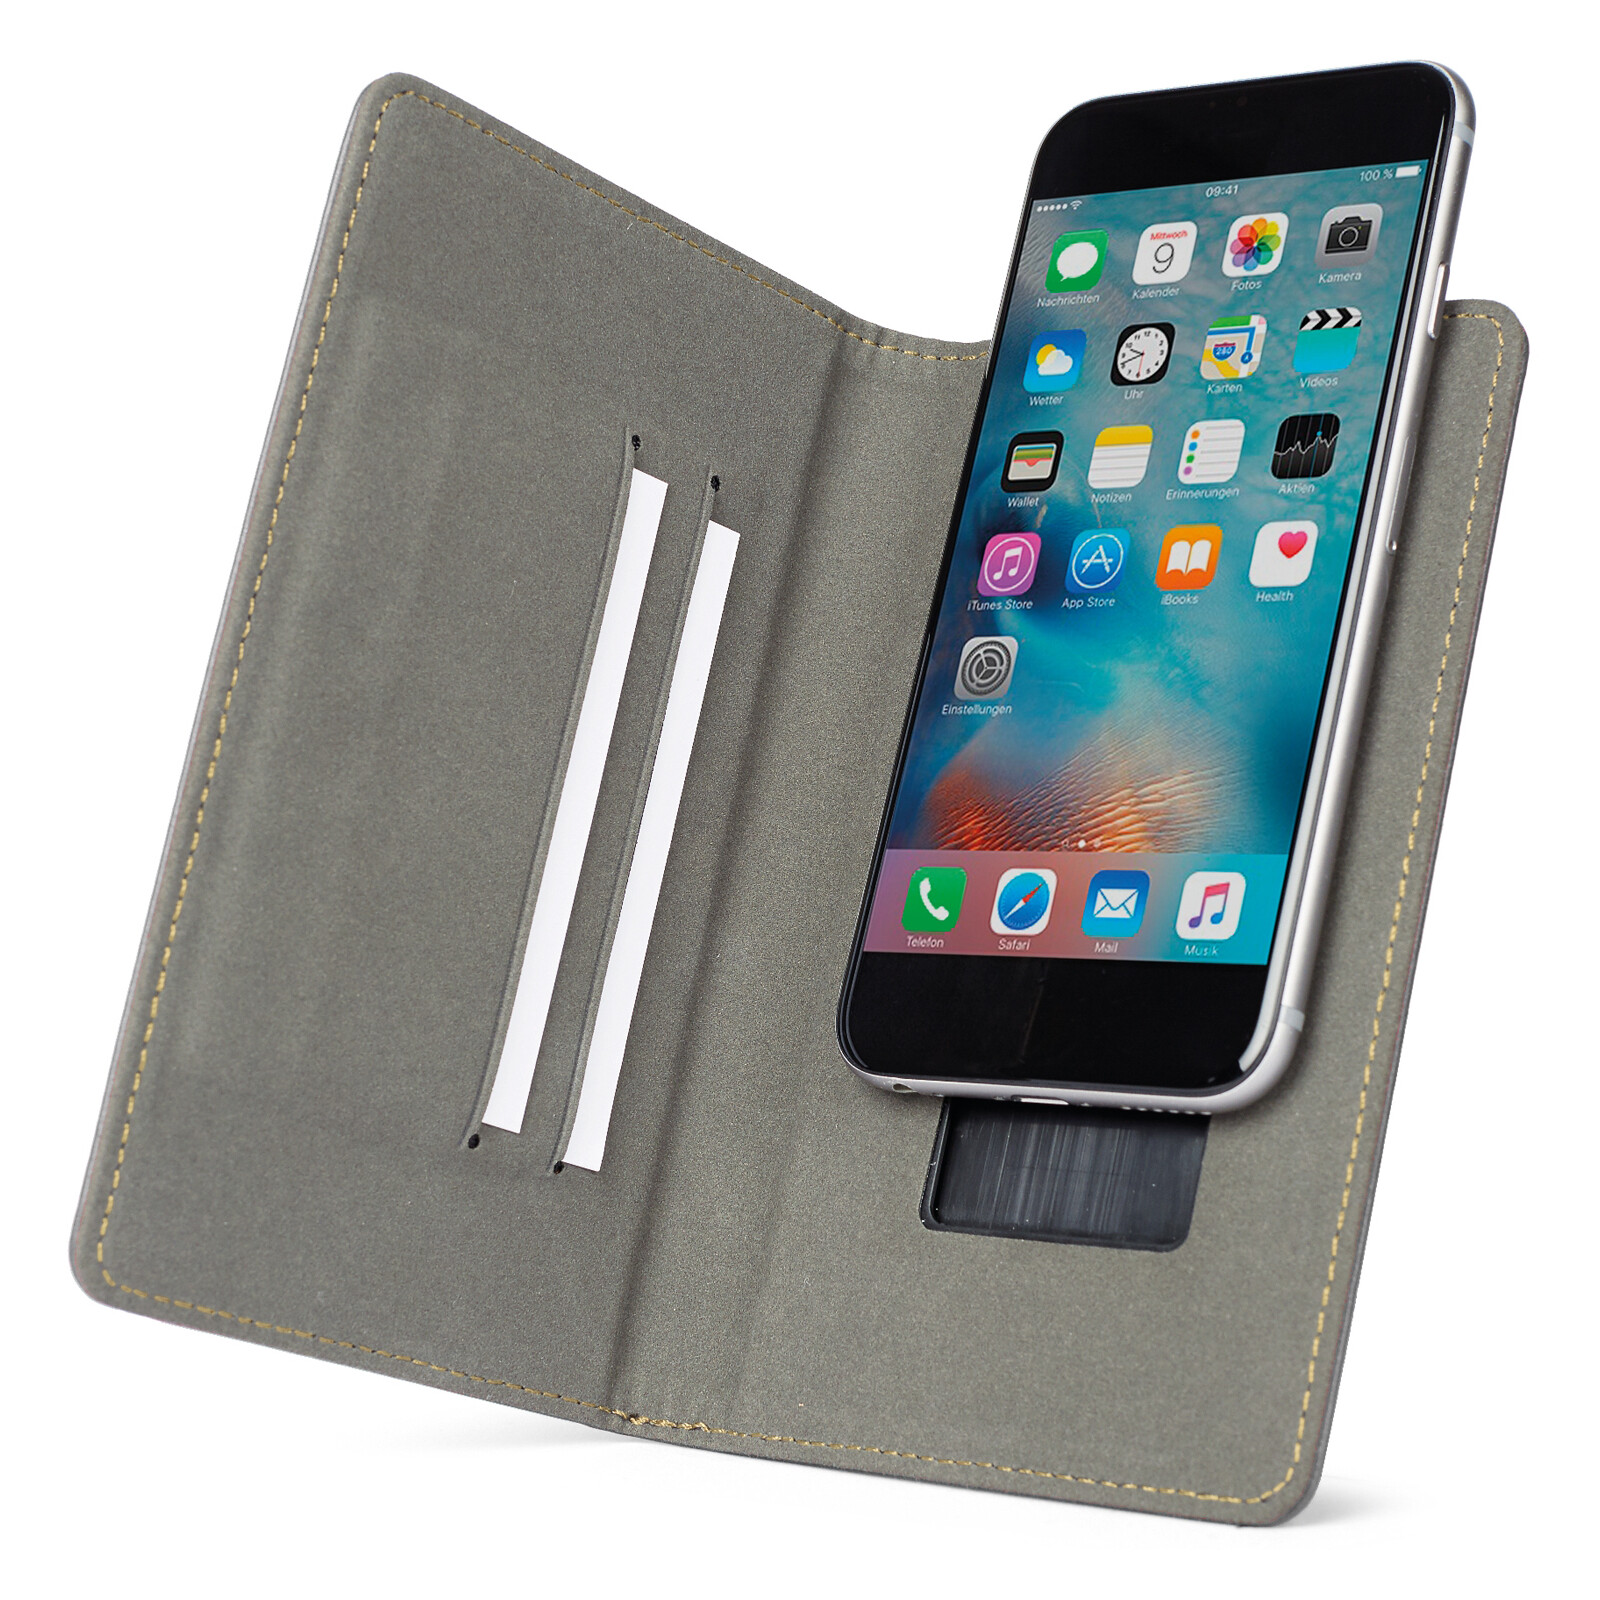 Axxtra Book Tasche Size XL bis 152x81x11mm schwarz